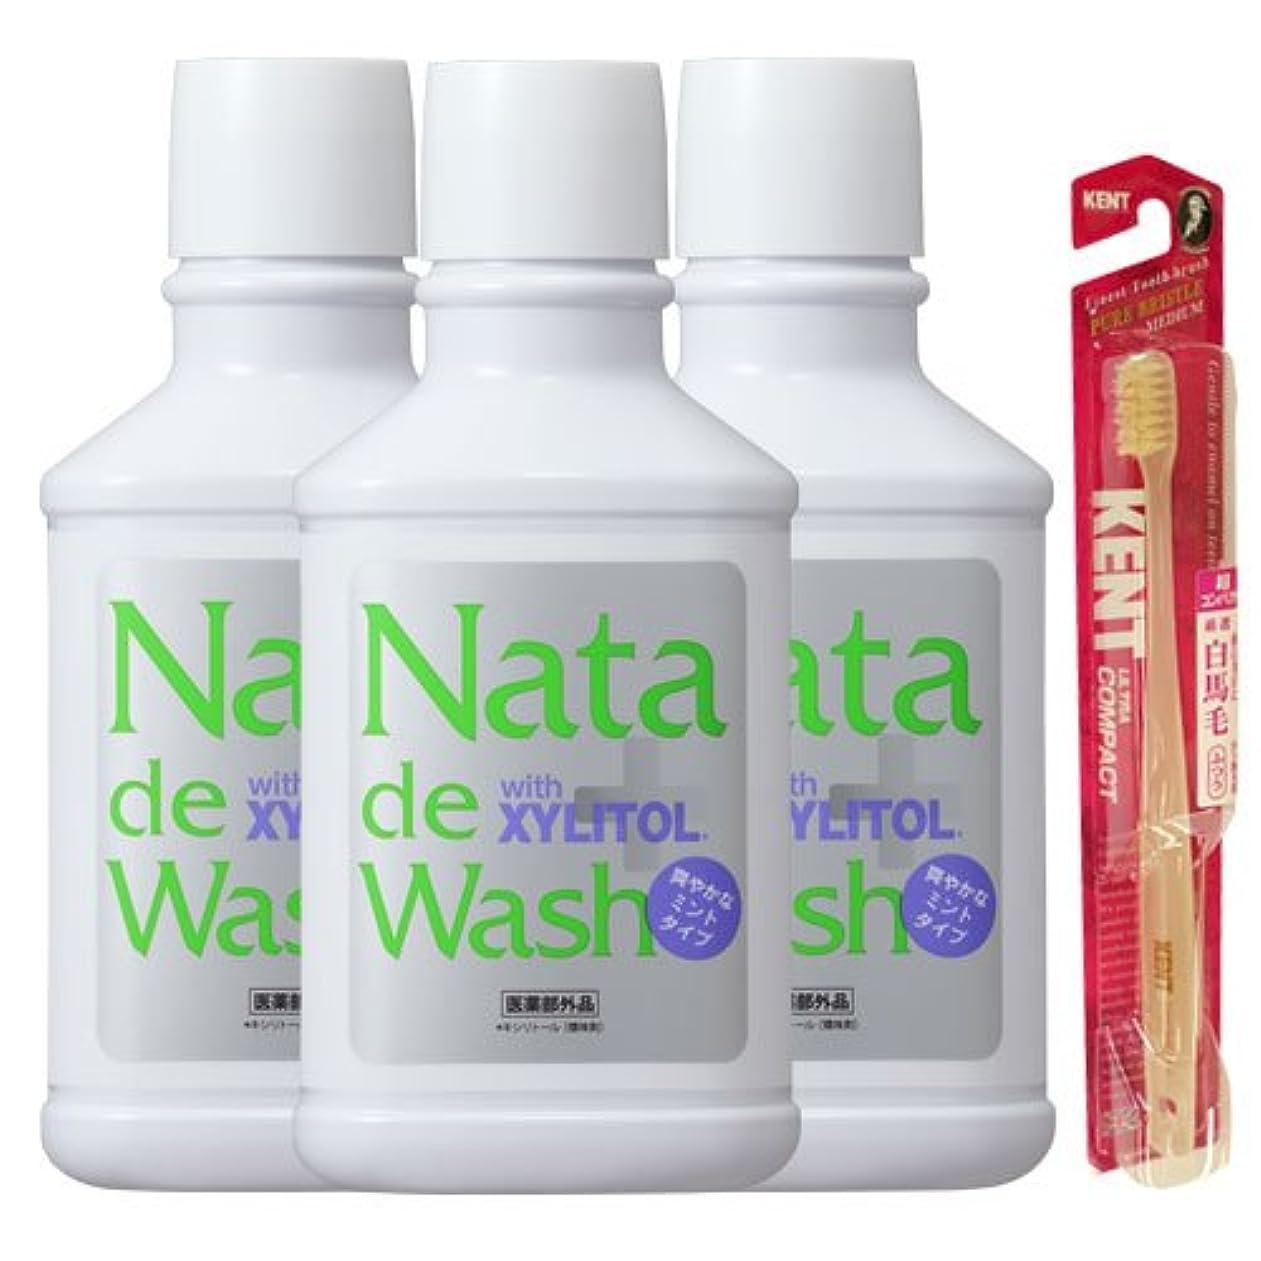 対処毒液疎外する薬用ナタデウォッシュ 爽やかなミントタイプ 500ml 3本& KENT歯ブラシ1本プレゼント